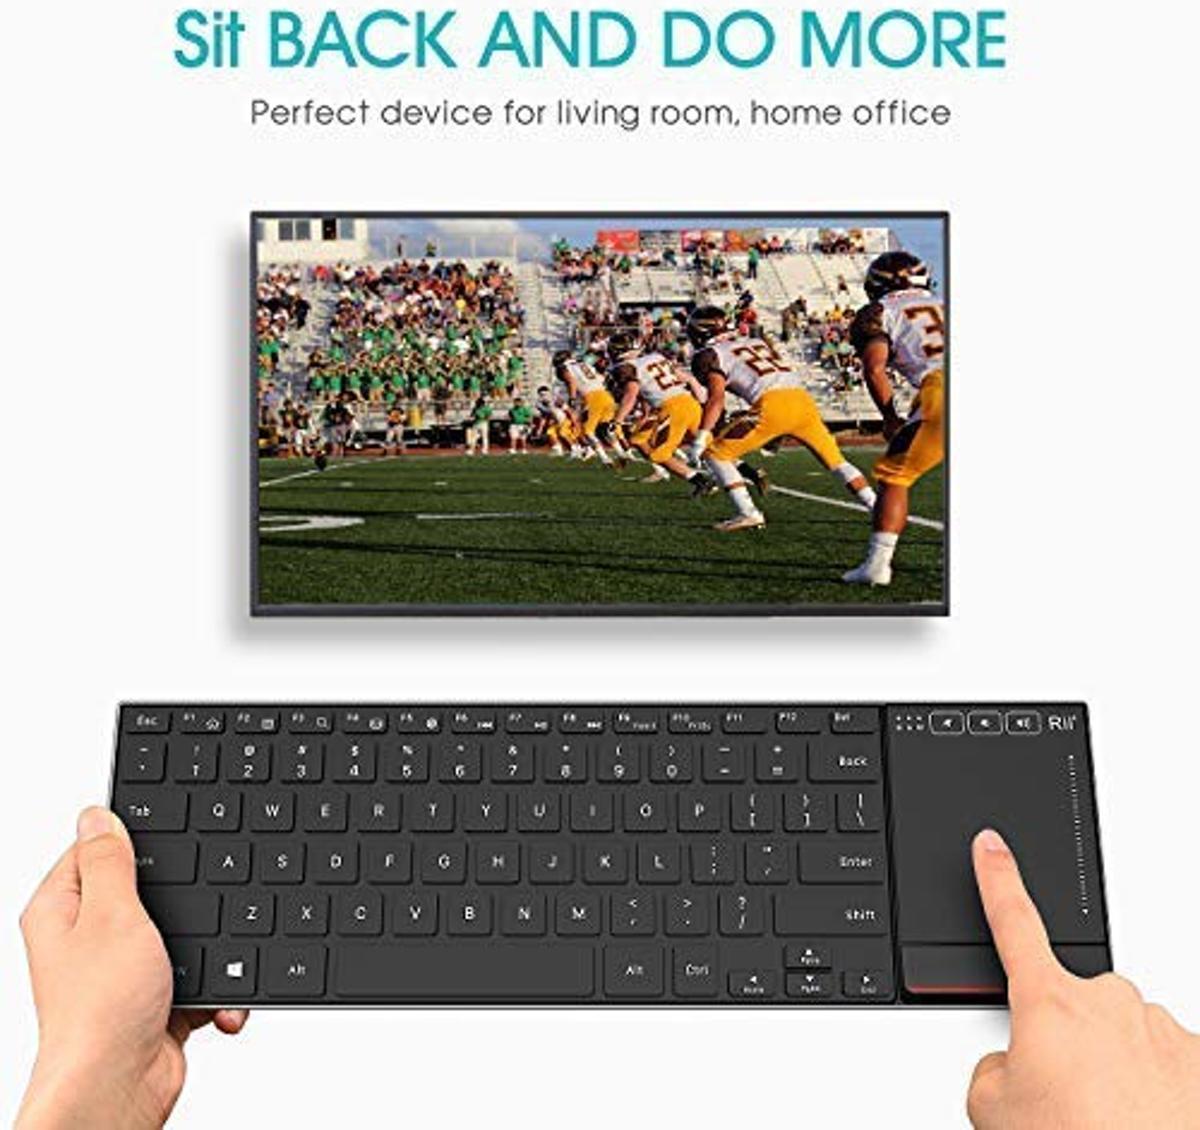 Rii mini K22 comfortabel slim-size keyboard met functietoetsen en touchpad